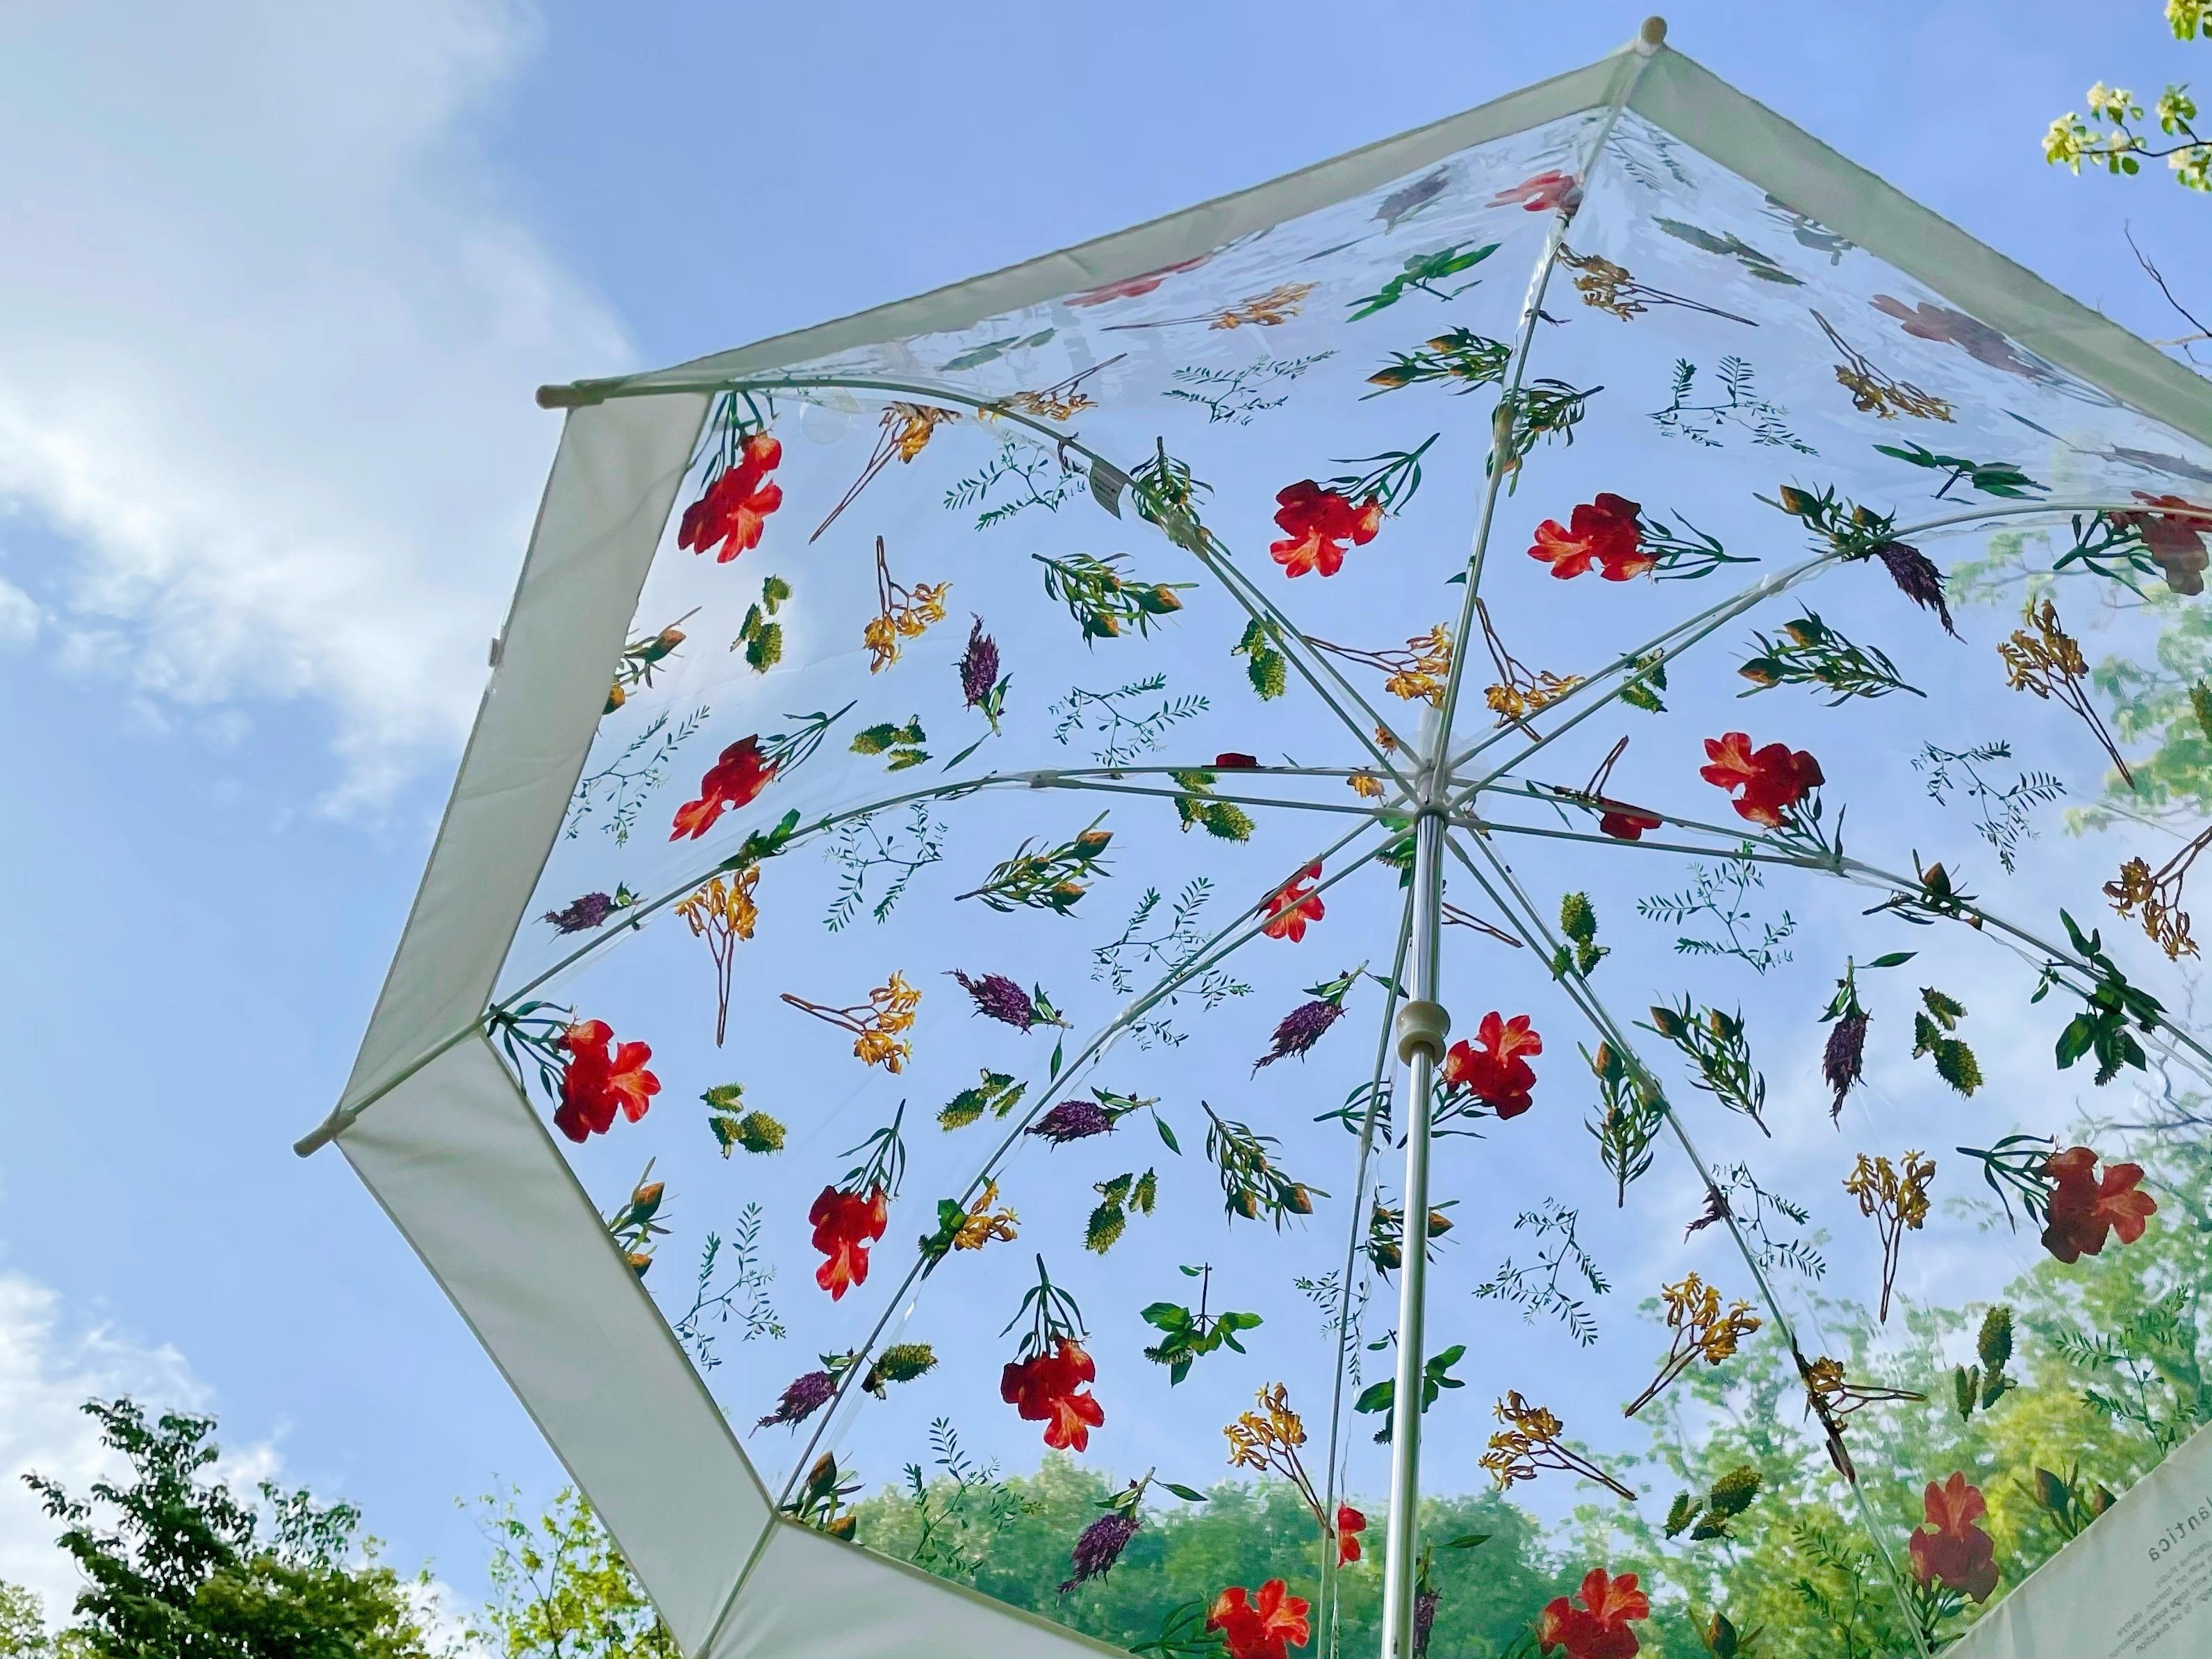 【雨空に花が咲く!?】《フラワーアートとコラボした傘》がおすすめ♡_3